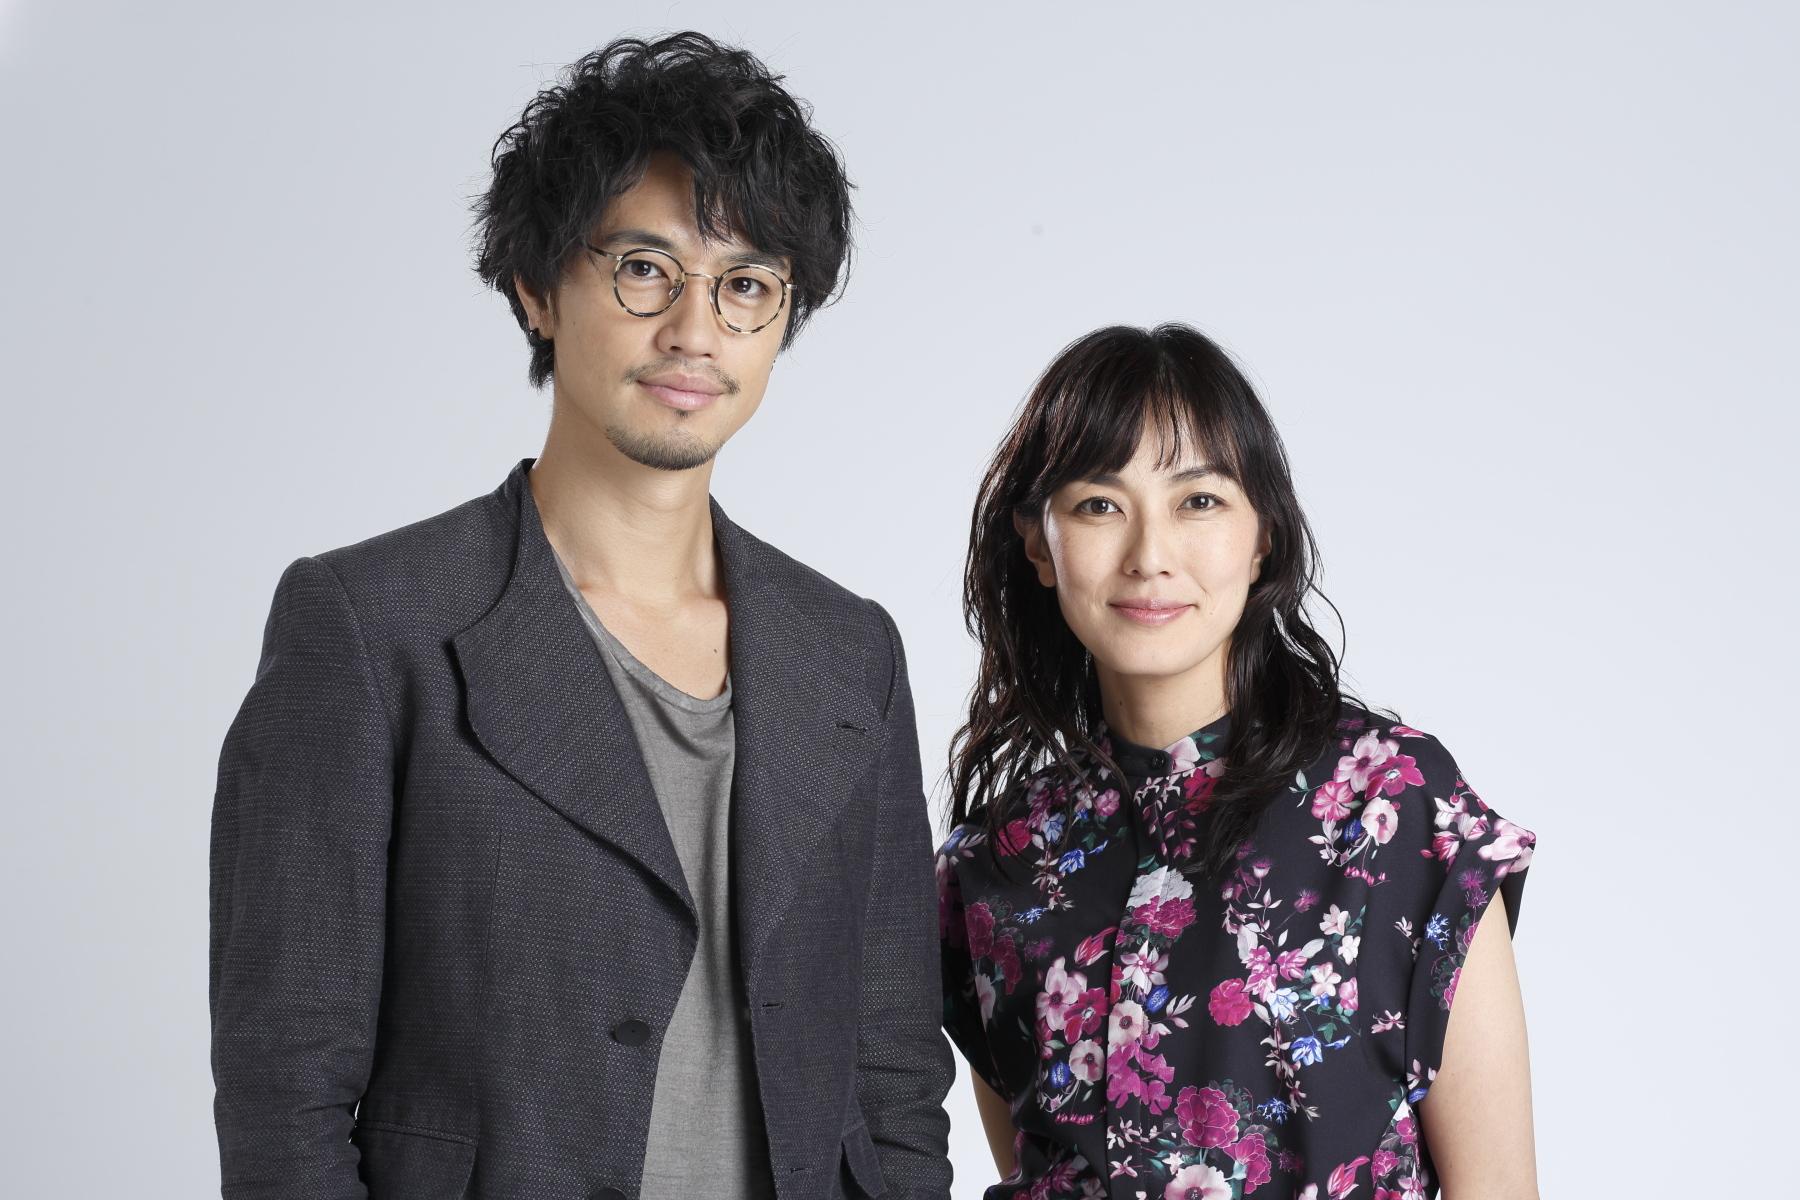 斎藤工(左)、板谷由夏(右)